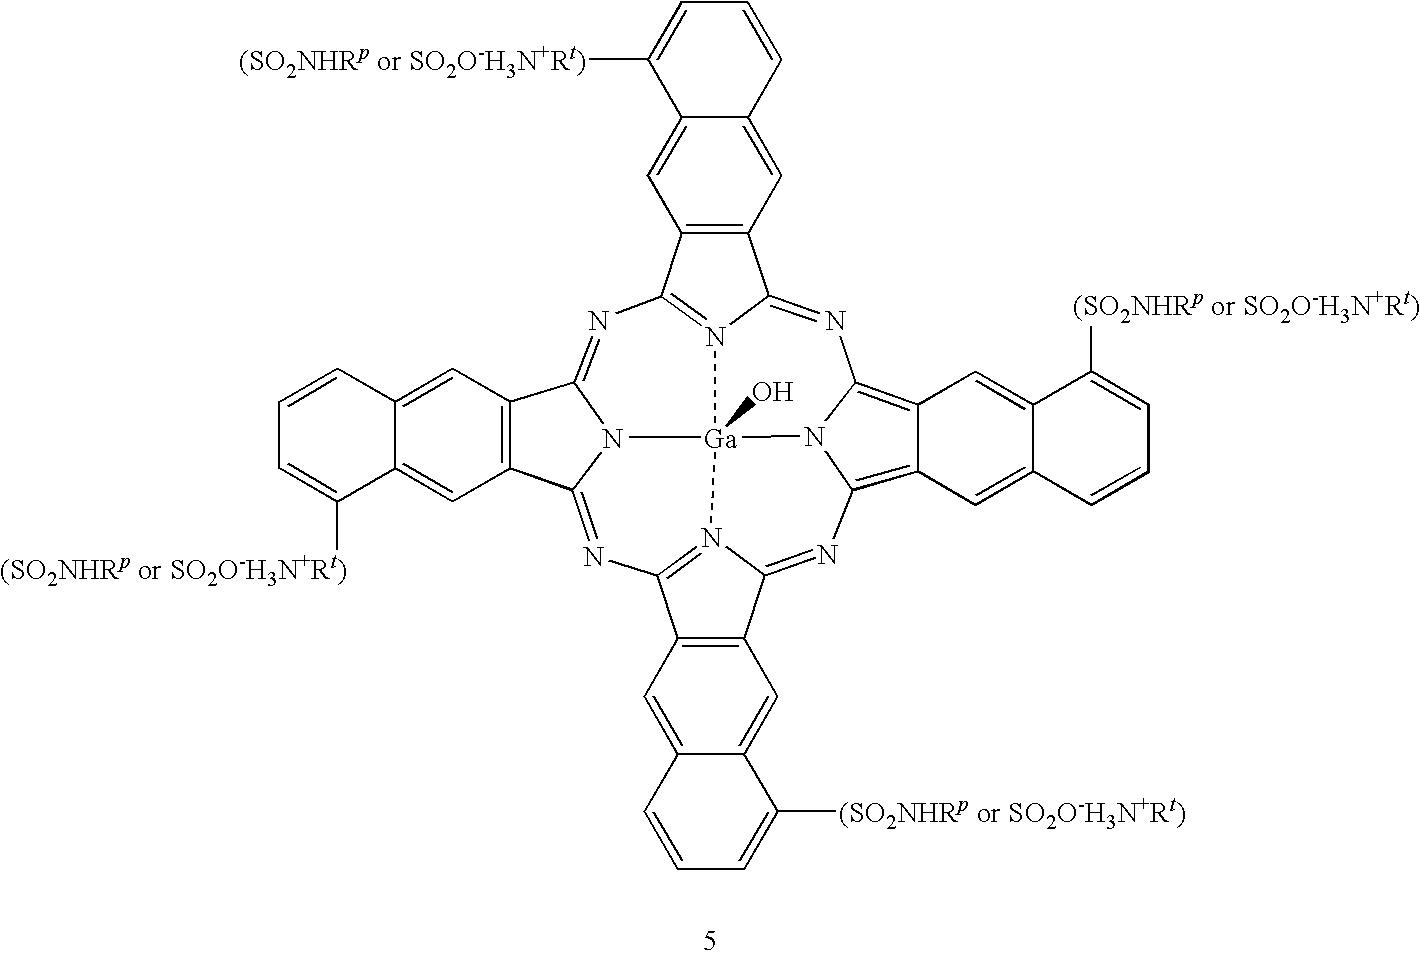 Figure US20100263571A1-20101021-C00013